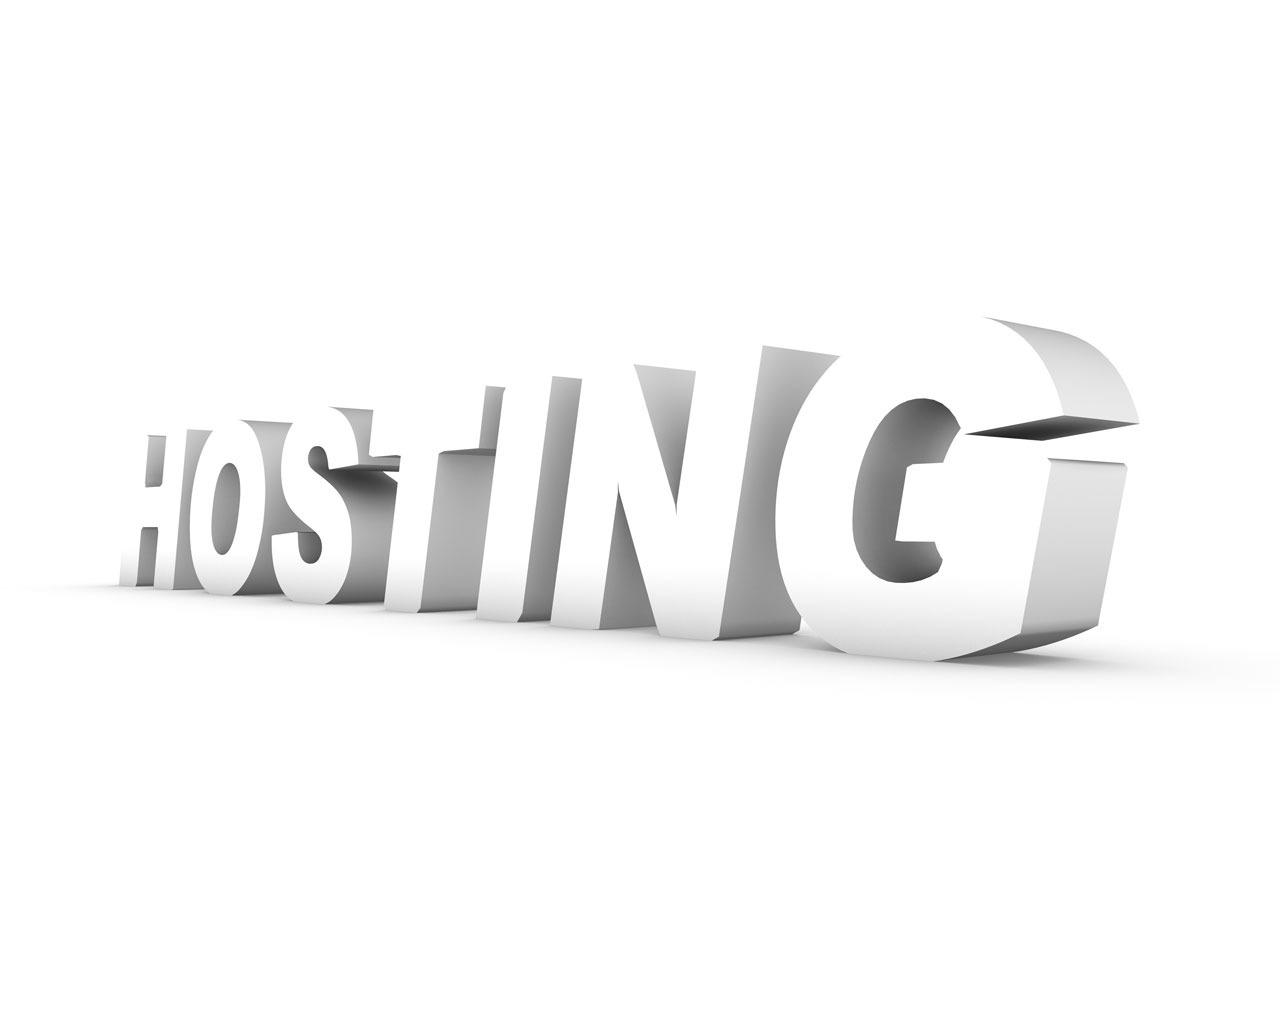 hosting - Структура сайта: 26 вещей, которые надо знать до начала разработки сайта